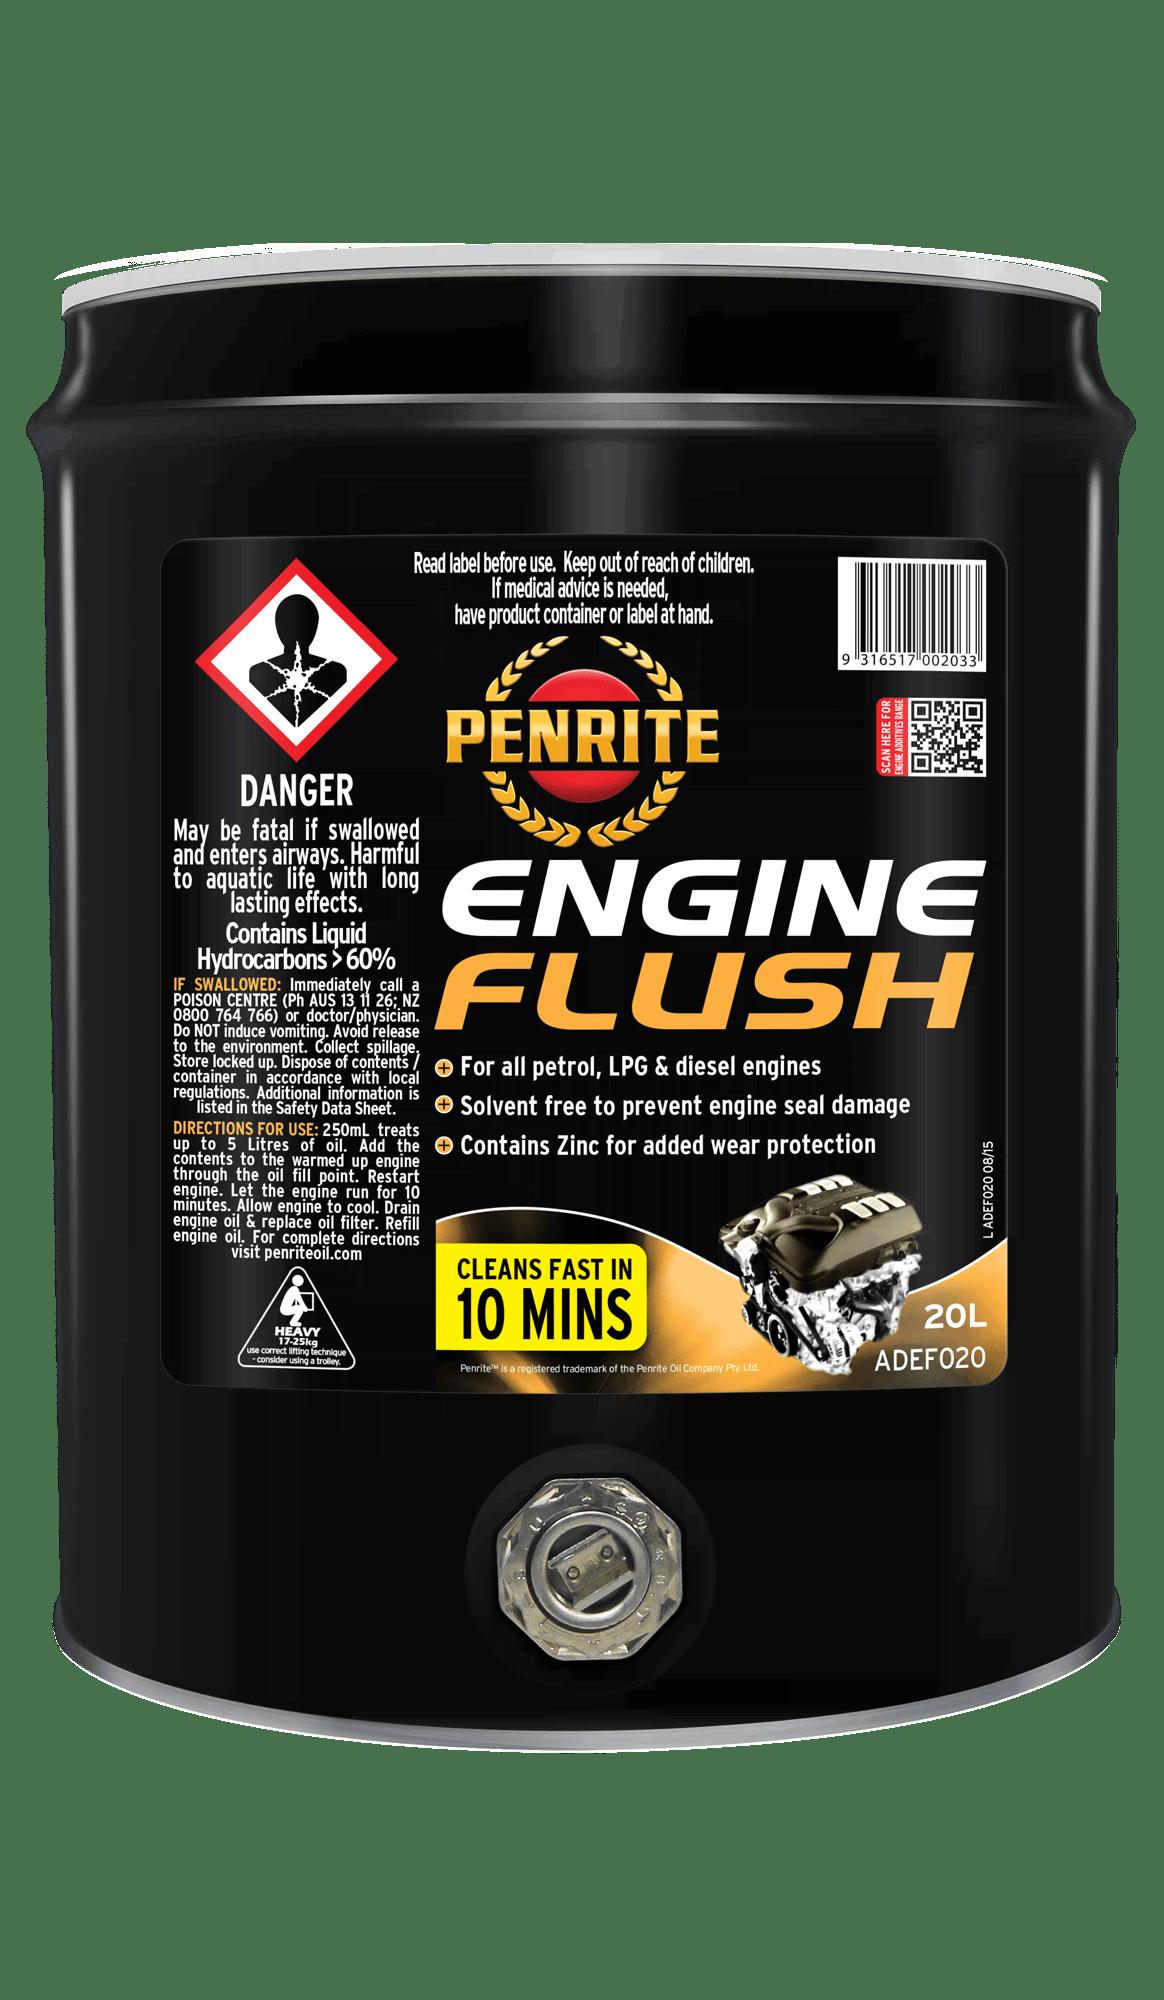 Engine flushing. The importance of washing for engine operation